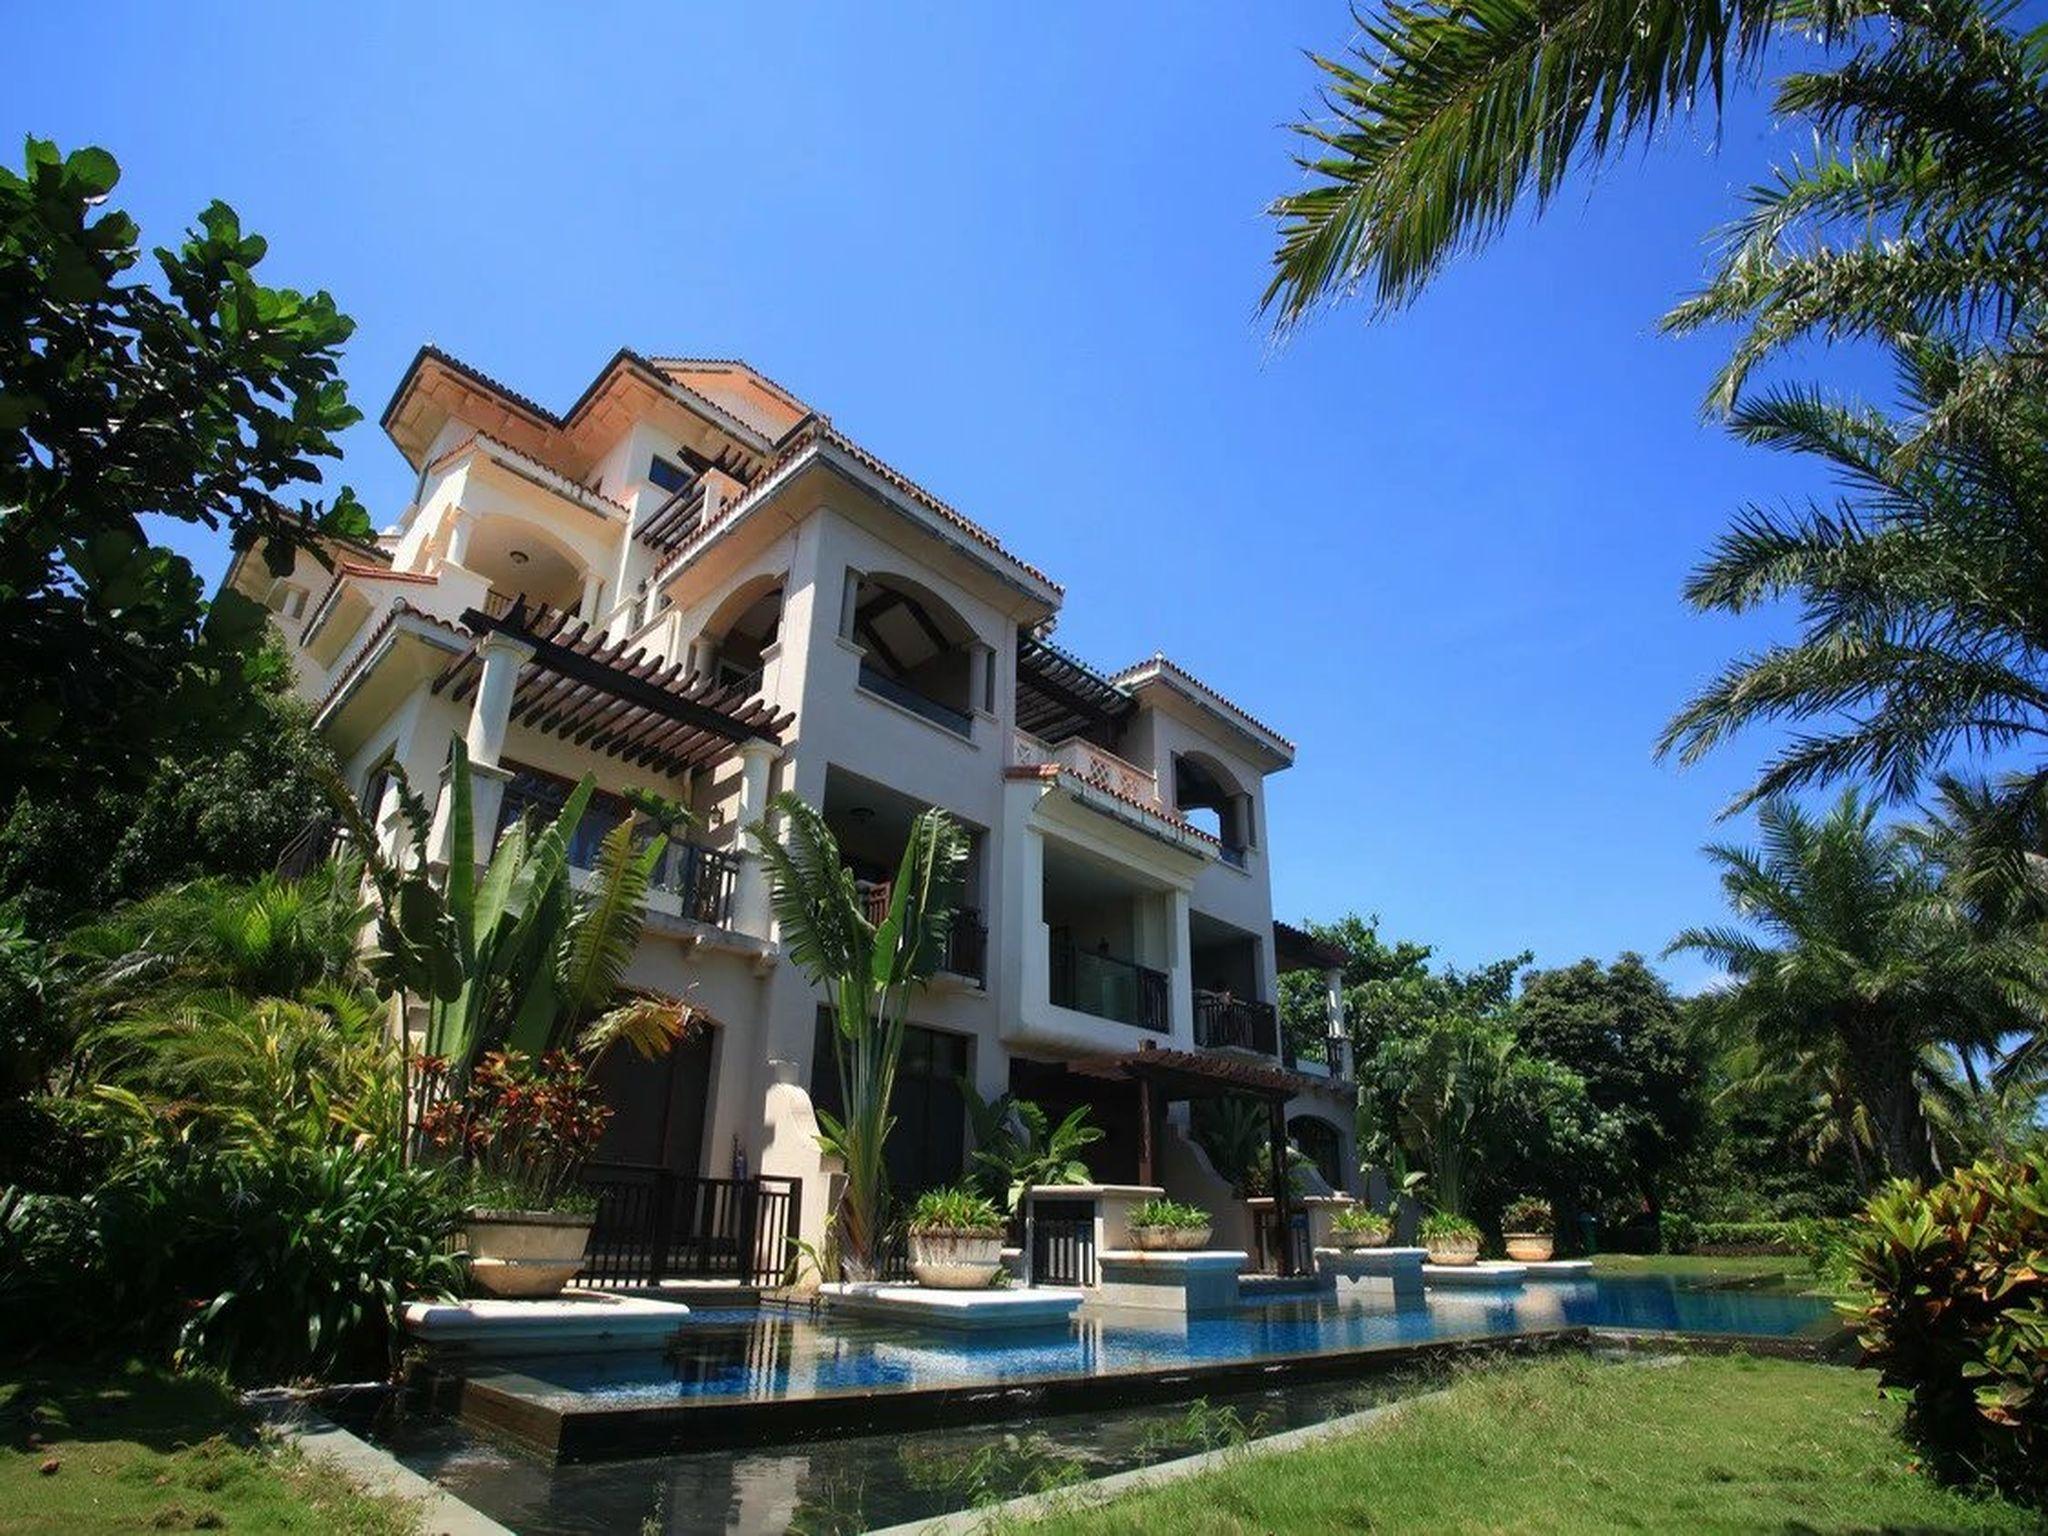 Haitang Bay Fu Wan Minorca Resort